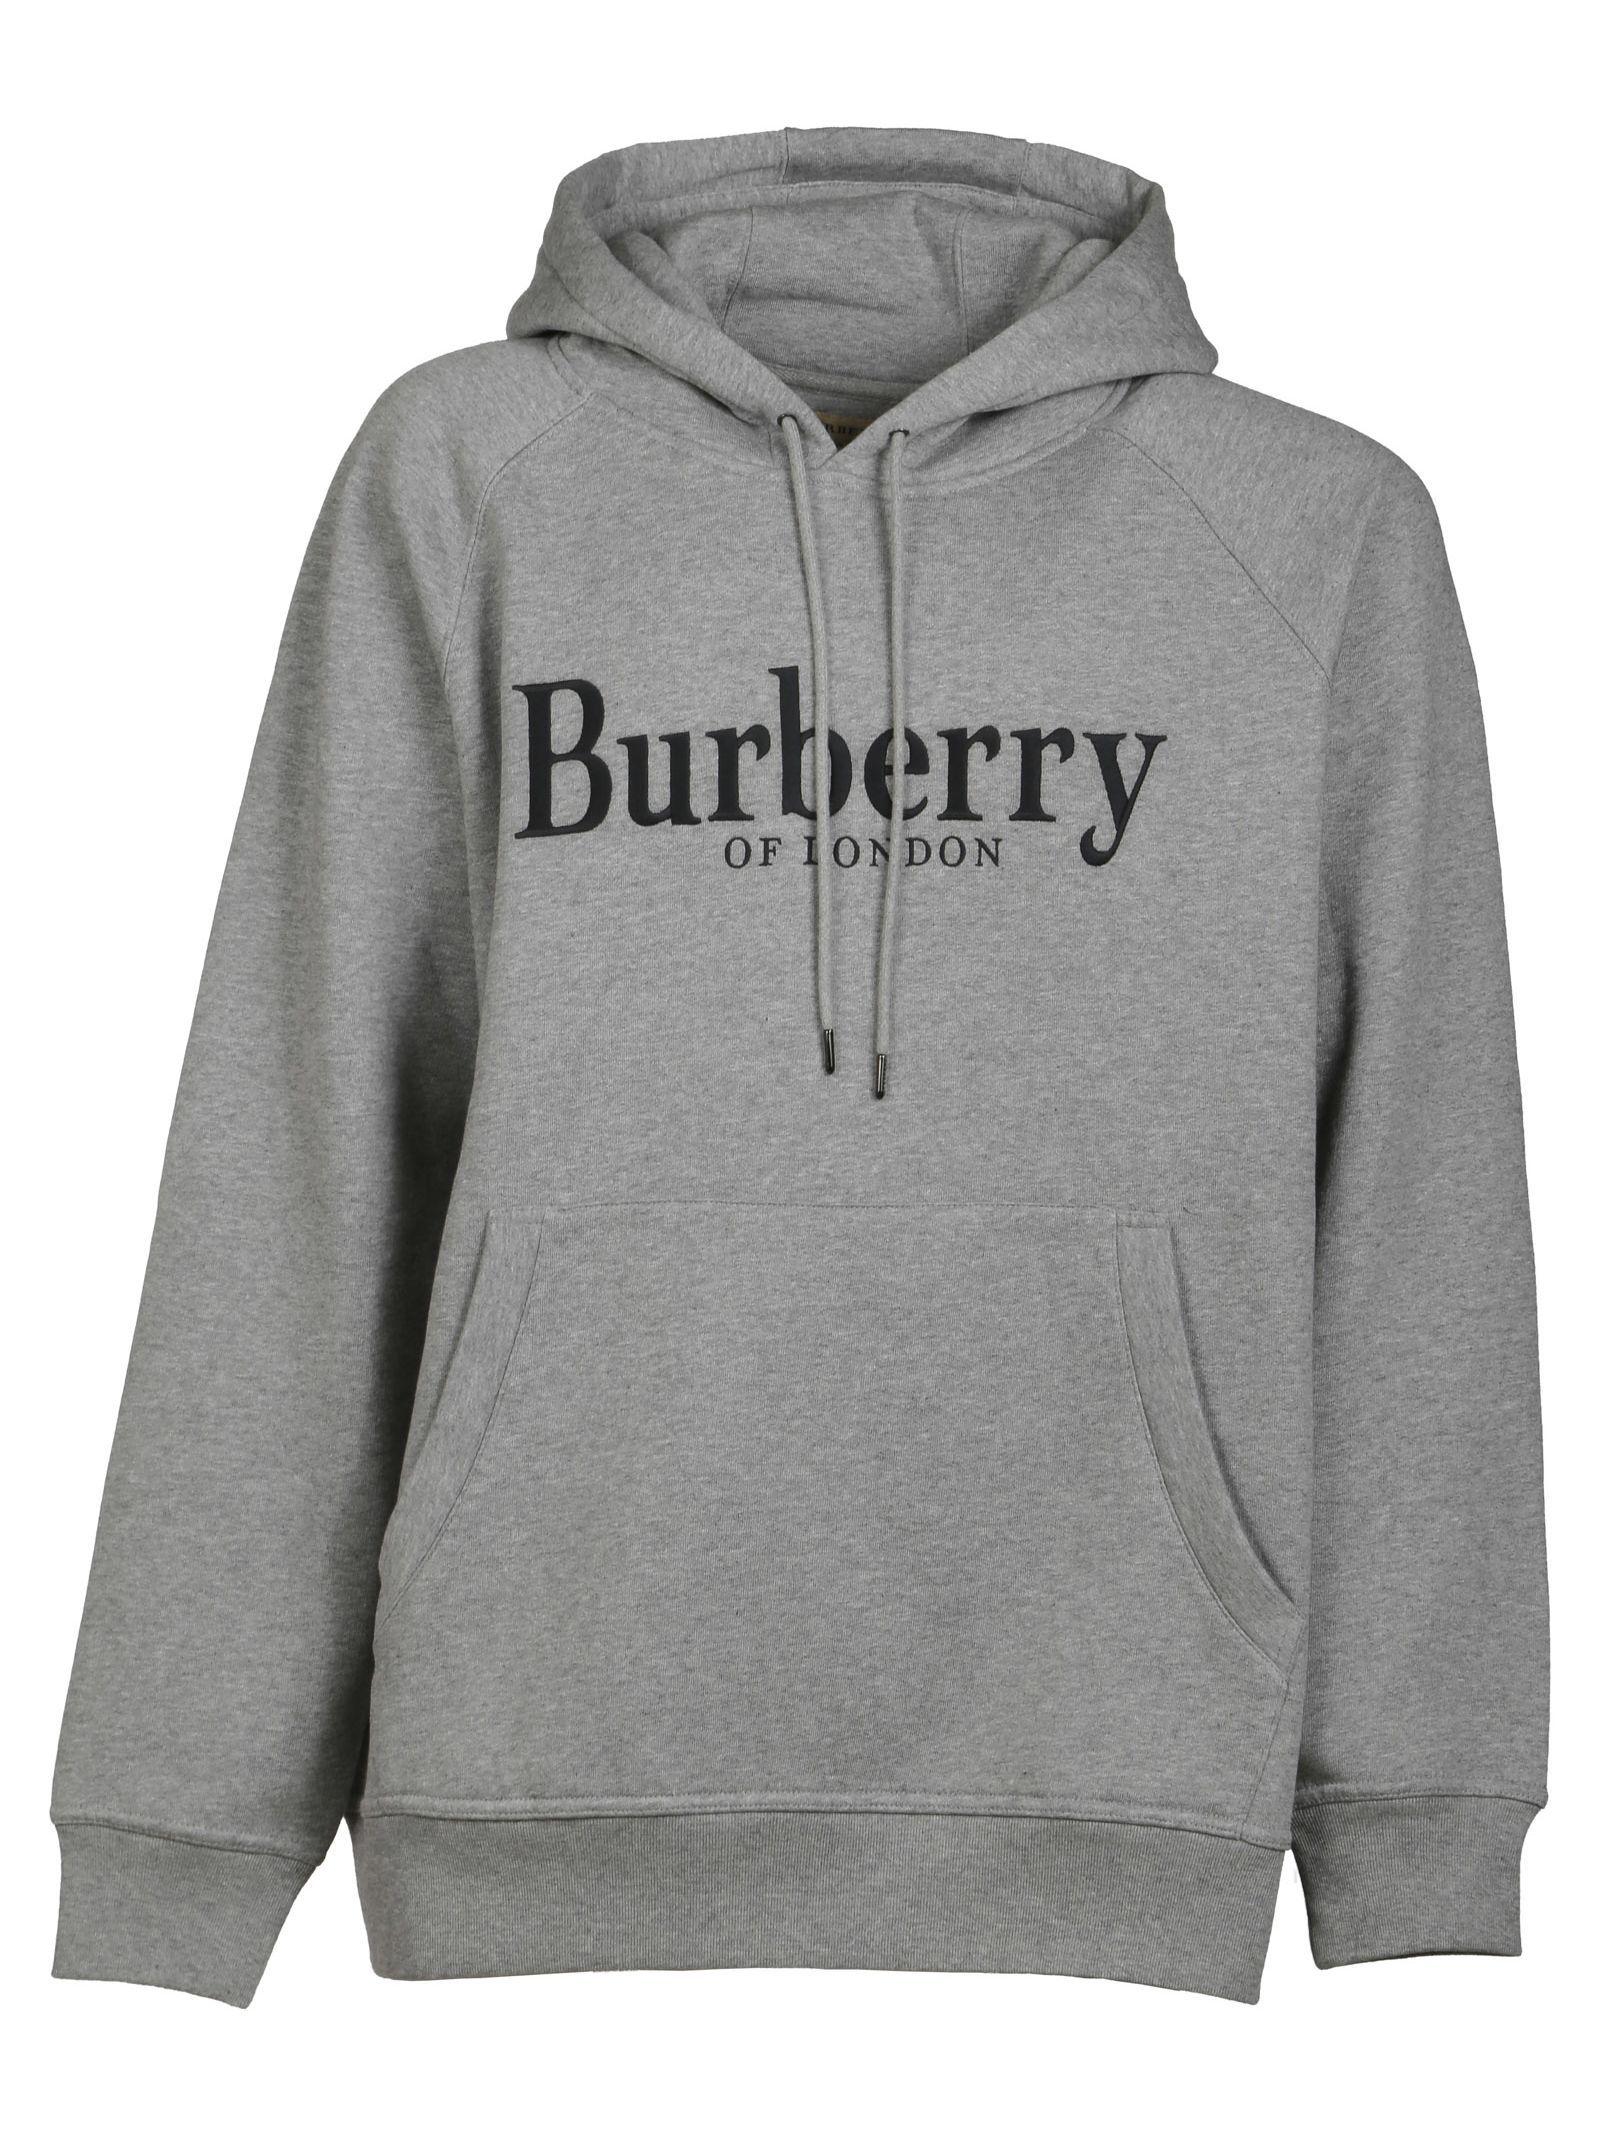 2b6938e67162 BURBERRY LOGO HOODIE.  burberry  cloth